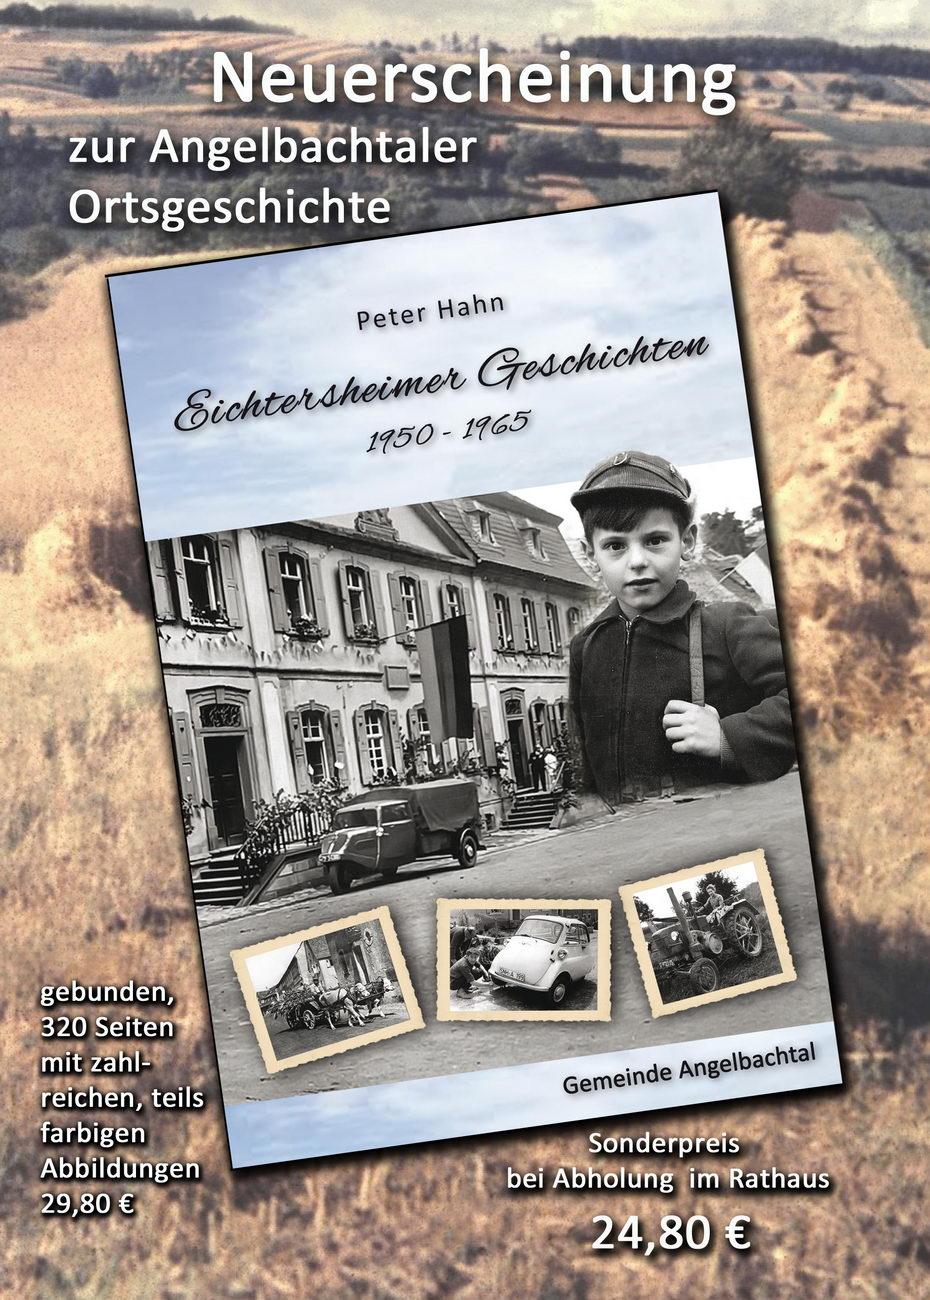 Flyer zum Buch Peter 1 Vorderseite  final konv